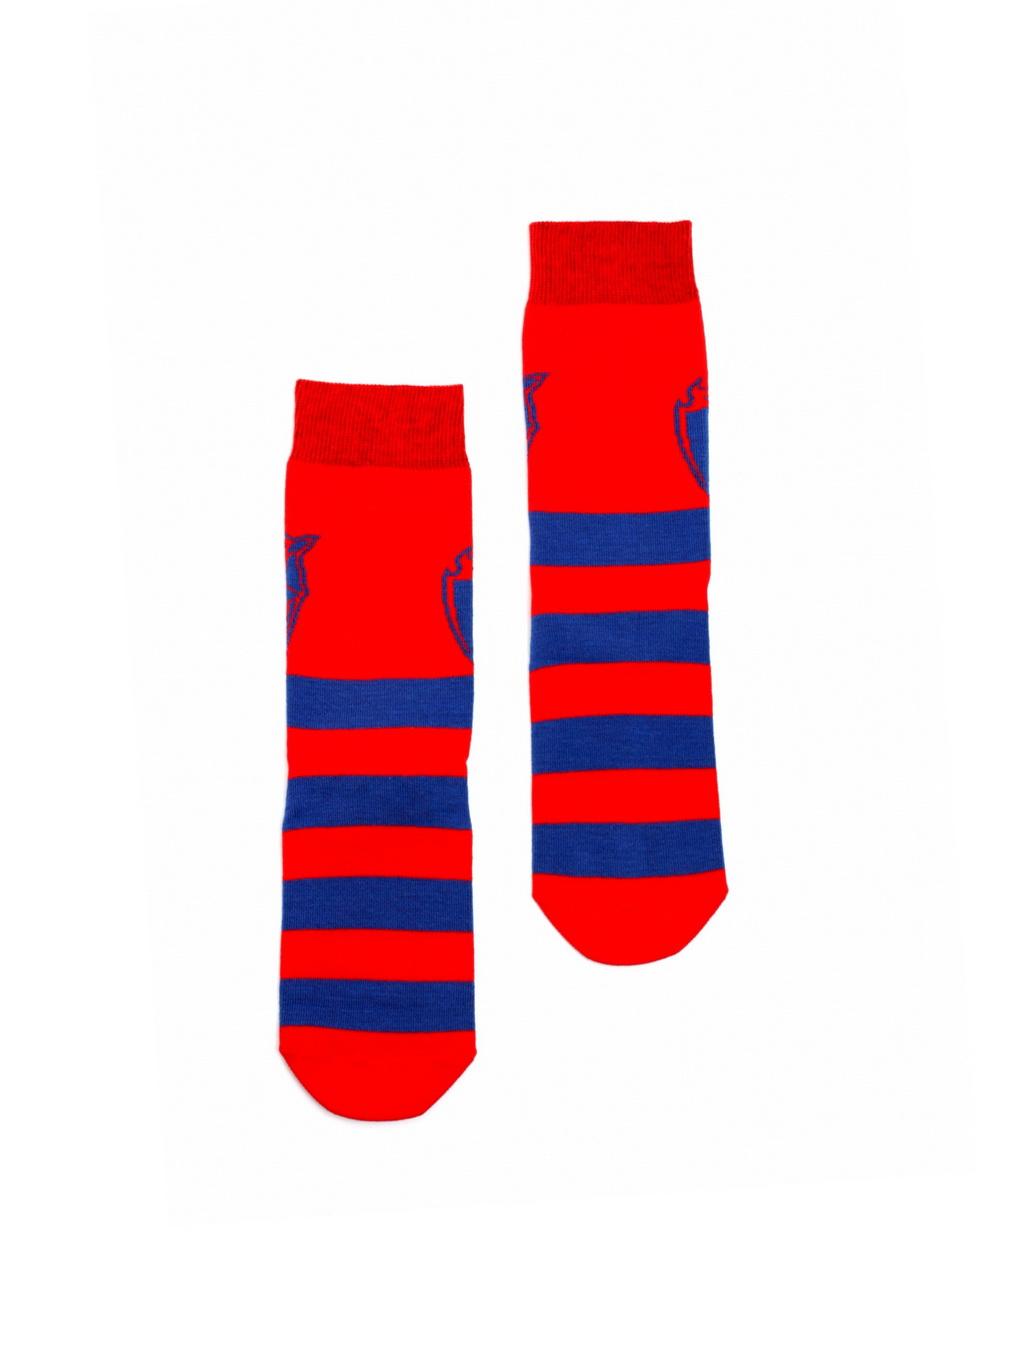 Купить Носки детские Талисман, цвет красно-синий (35-36) по Нижнему Новгороду